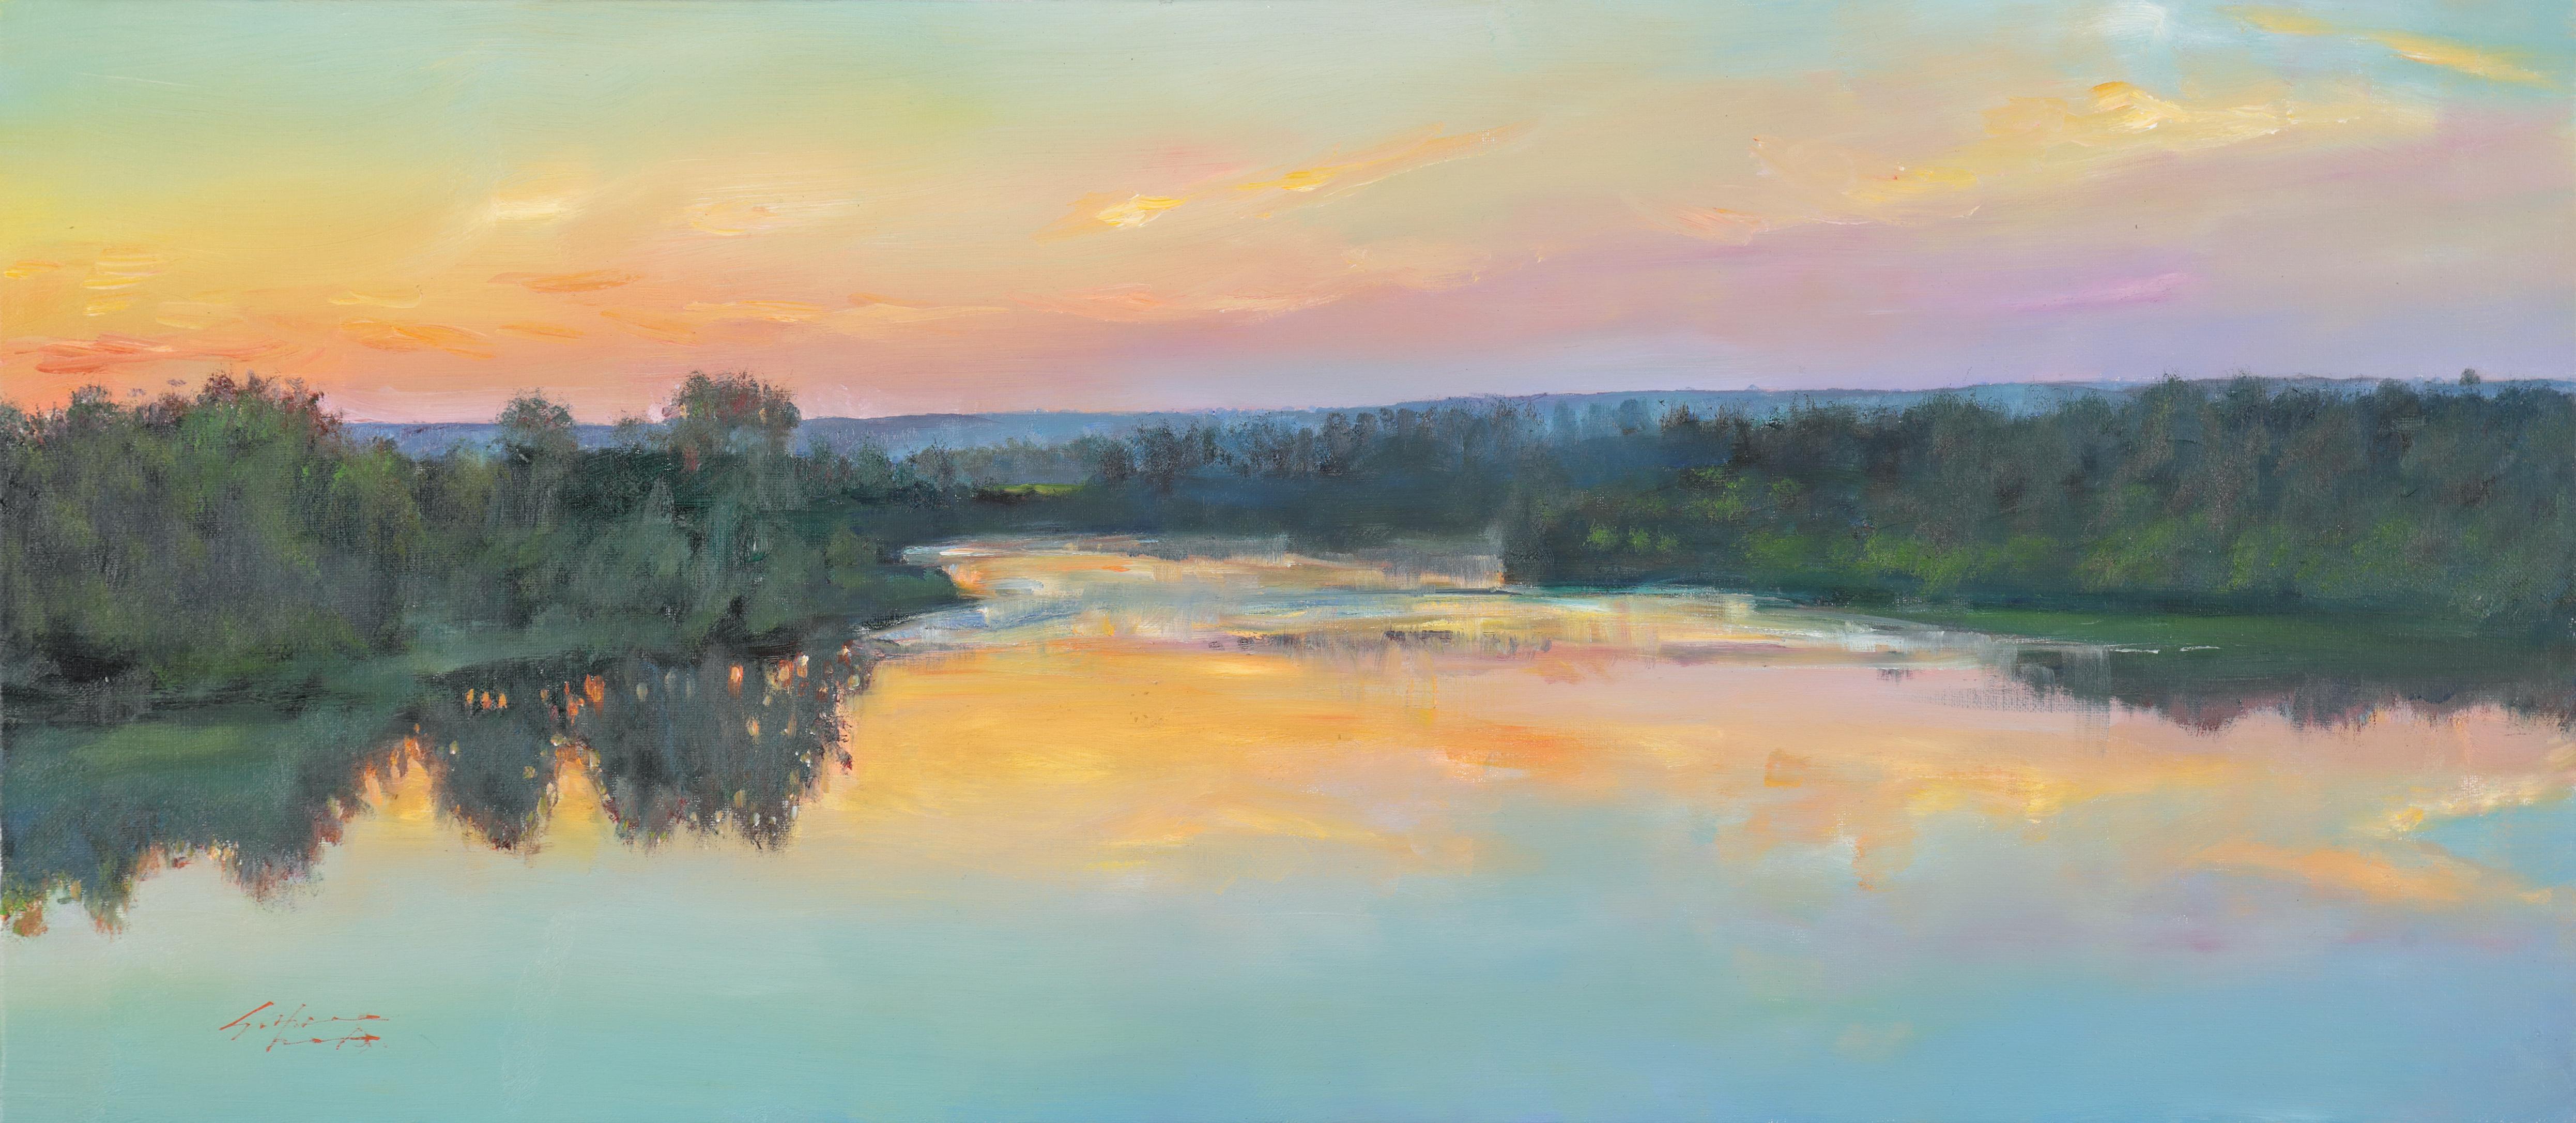 22 노을 지는 강가 40x91 Oil on canvas 2015